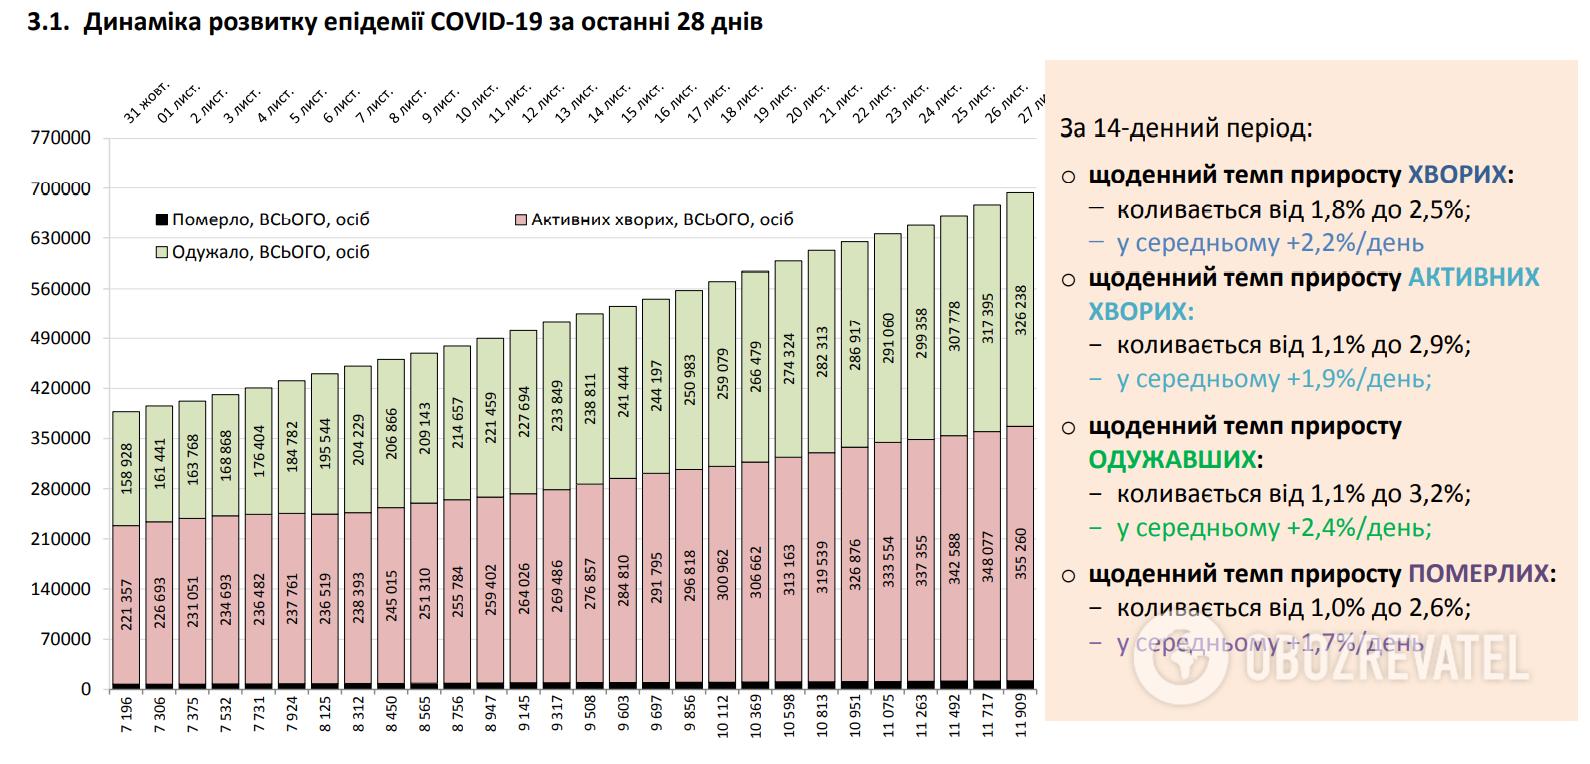 Динаміка розвитку епідемії COVID-19.